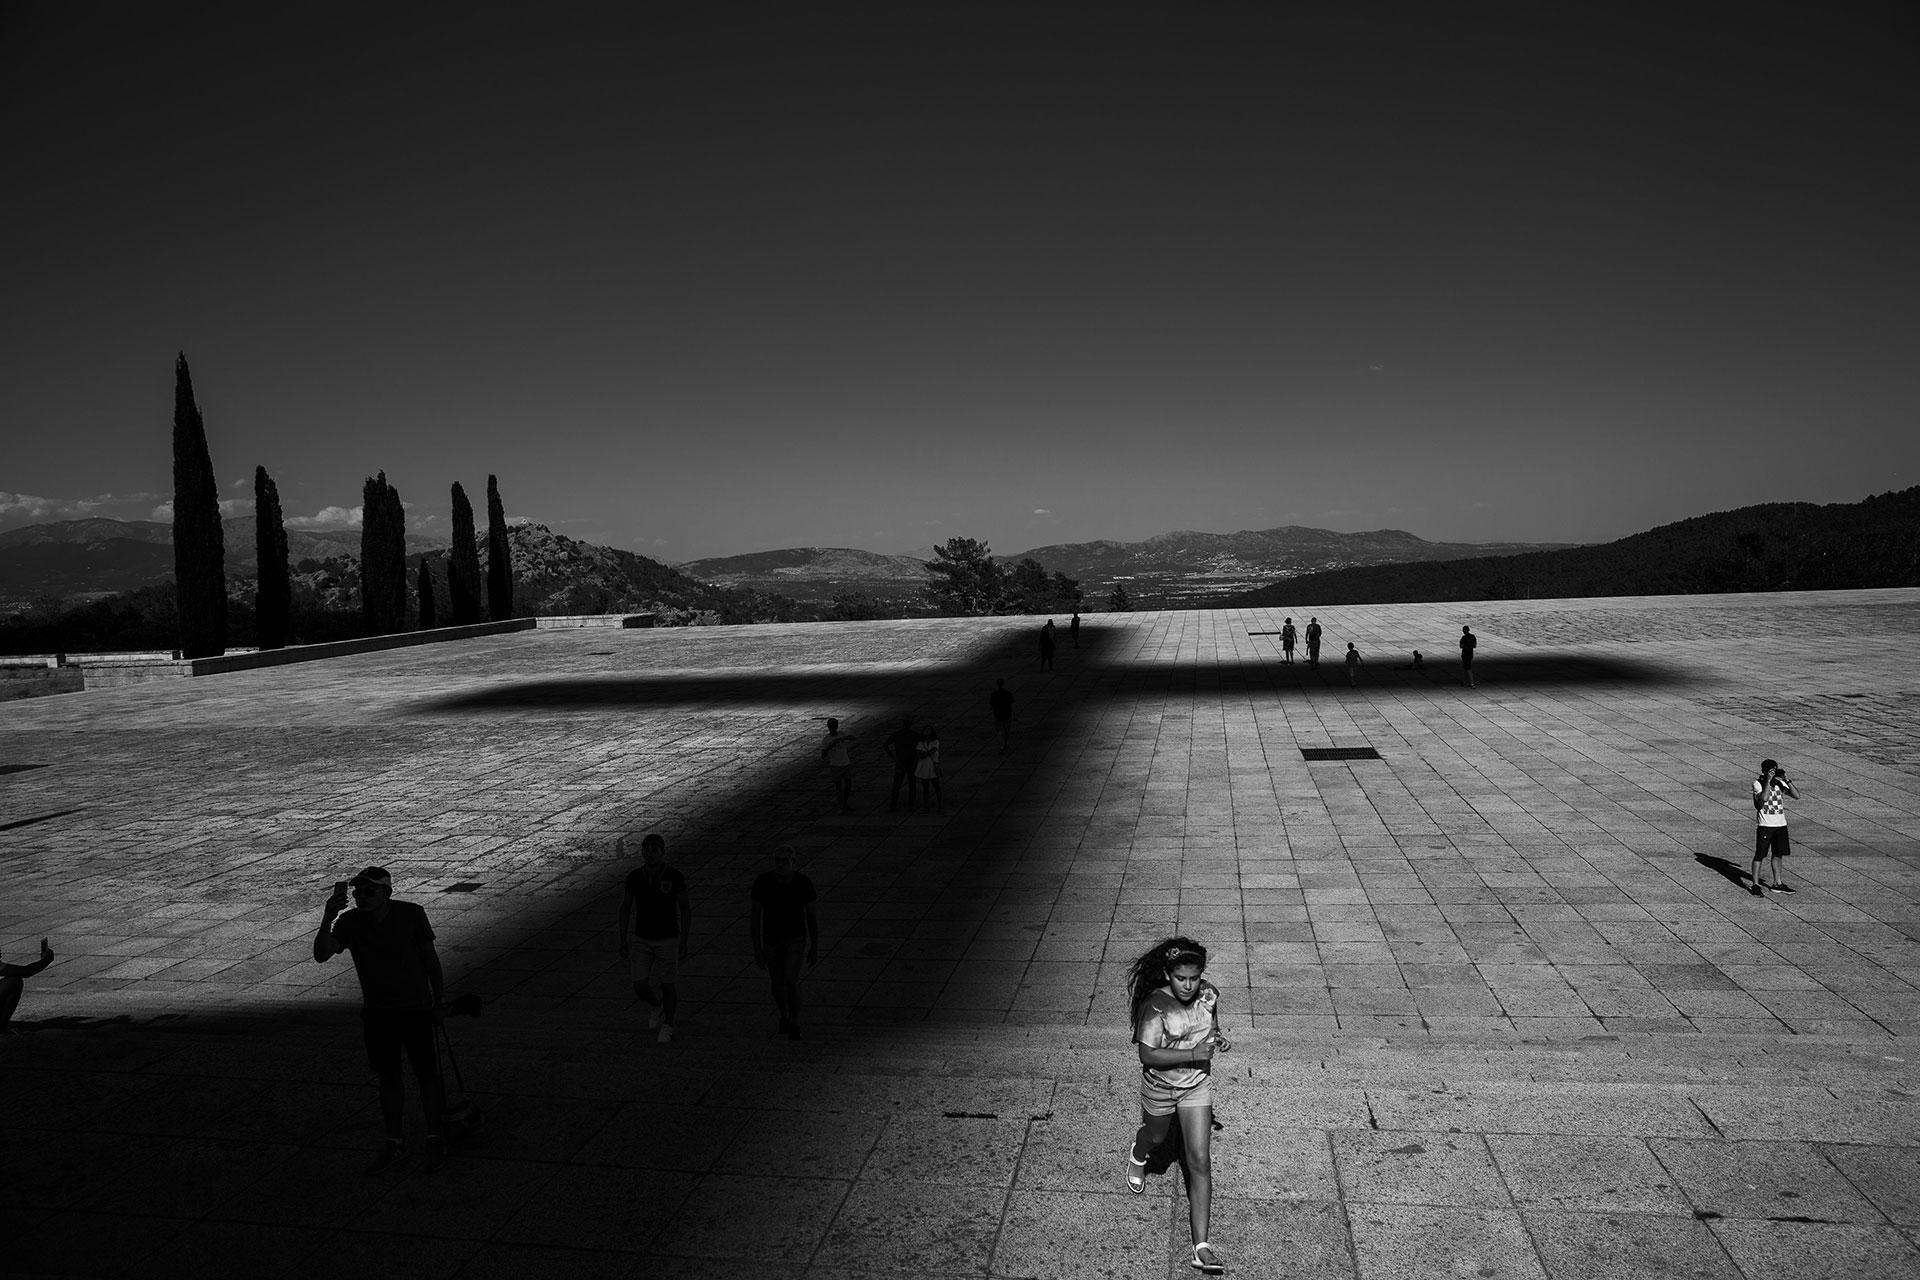 Una niña corre sobre la explanada del Valle de los Caídos, el mausoleo donde más de 30.000 personas siguen enterradas sin el consentimiento de sus familias.